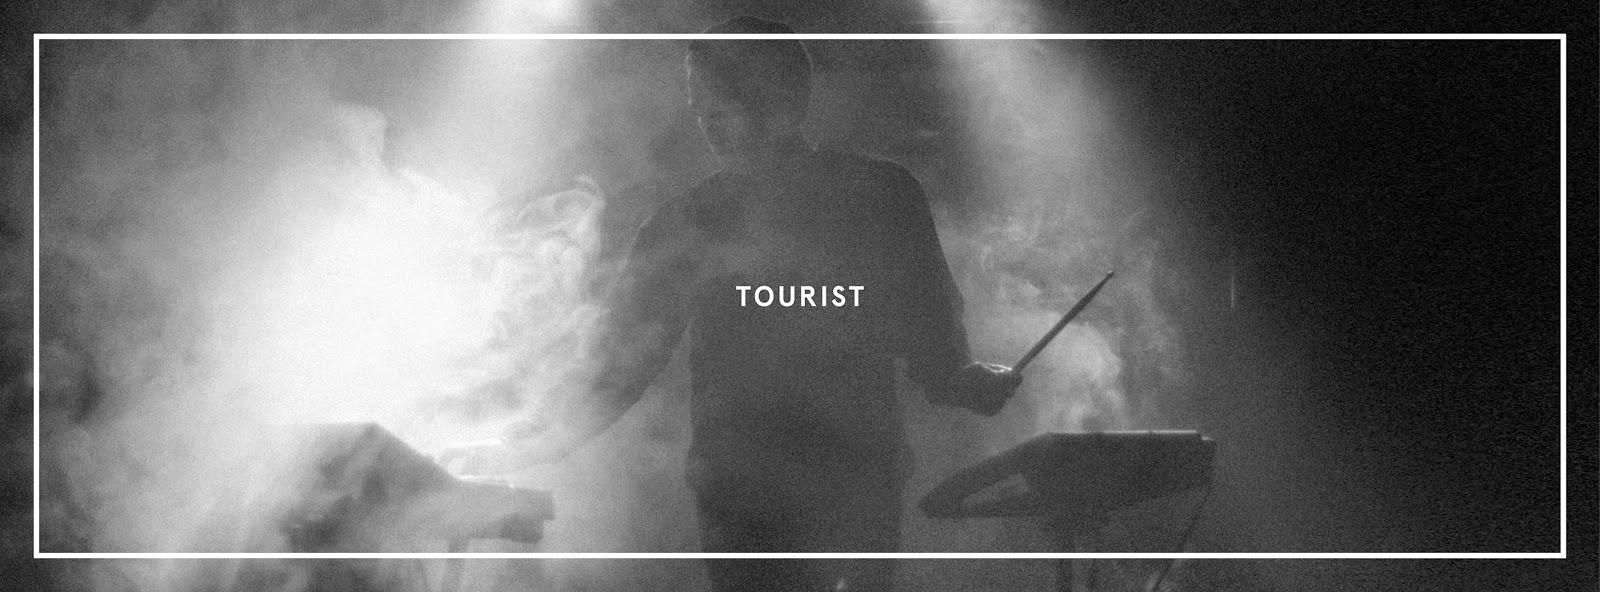 DYLTS - Tourist - Wait